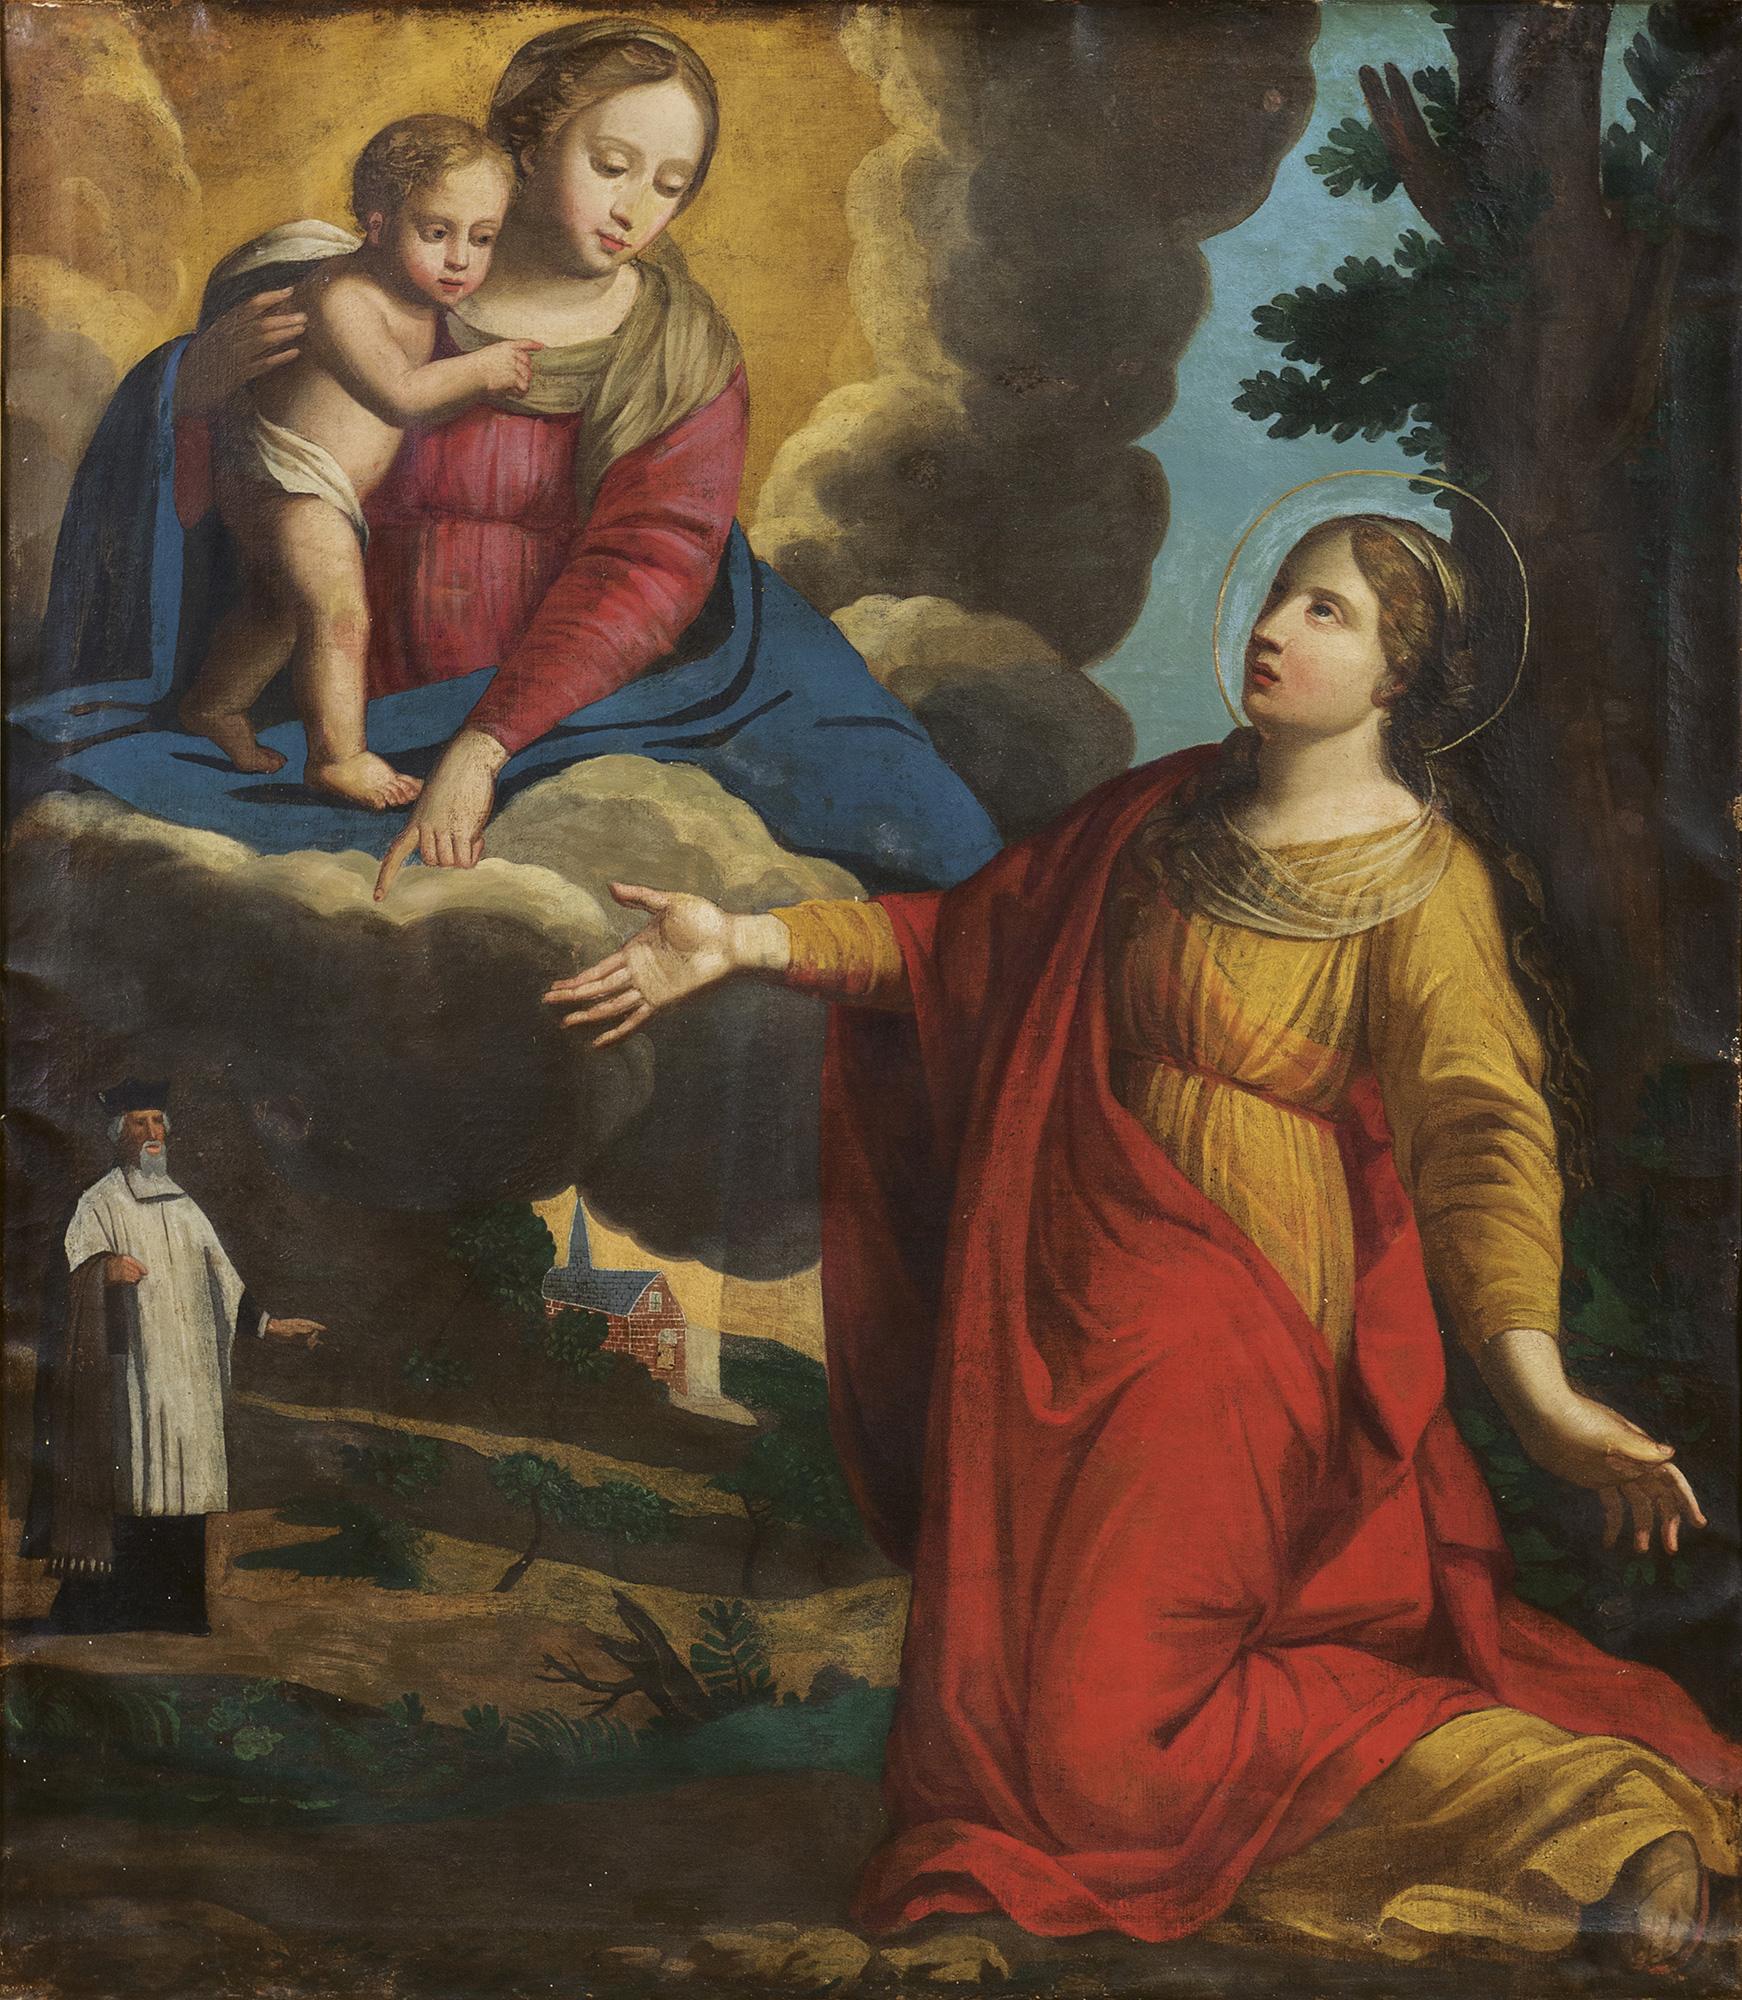 Madonna con Bambino che appare a una Santa e committente in lontananza